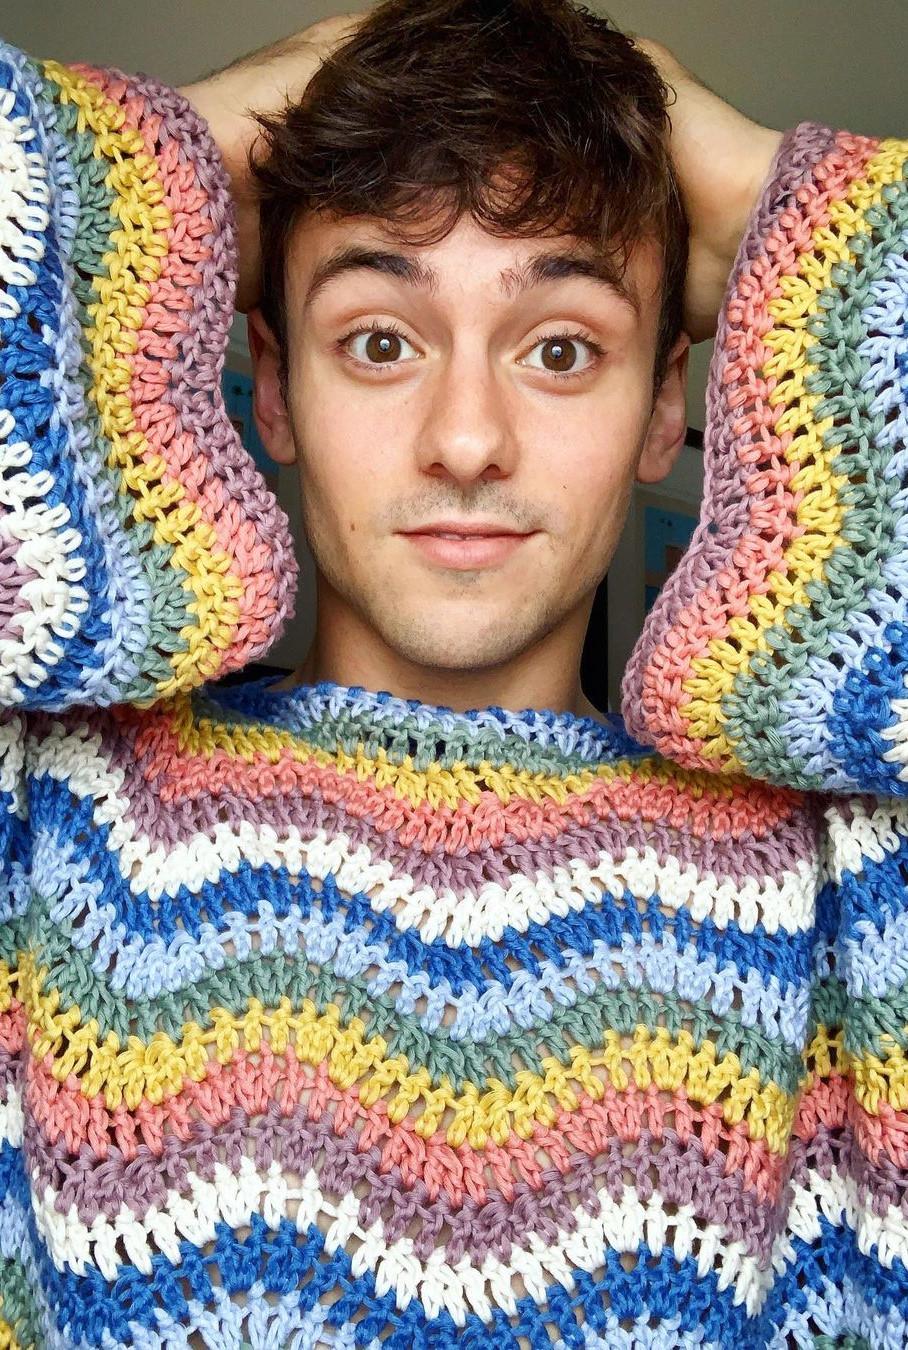 Tom Daley có một tài khoản Instagram chuyên đăng tải hình ảnh những tác phẩm đan móc len